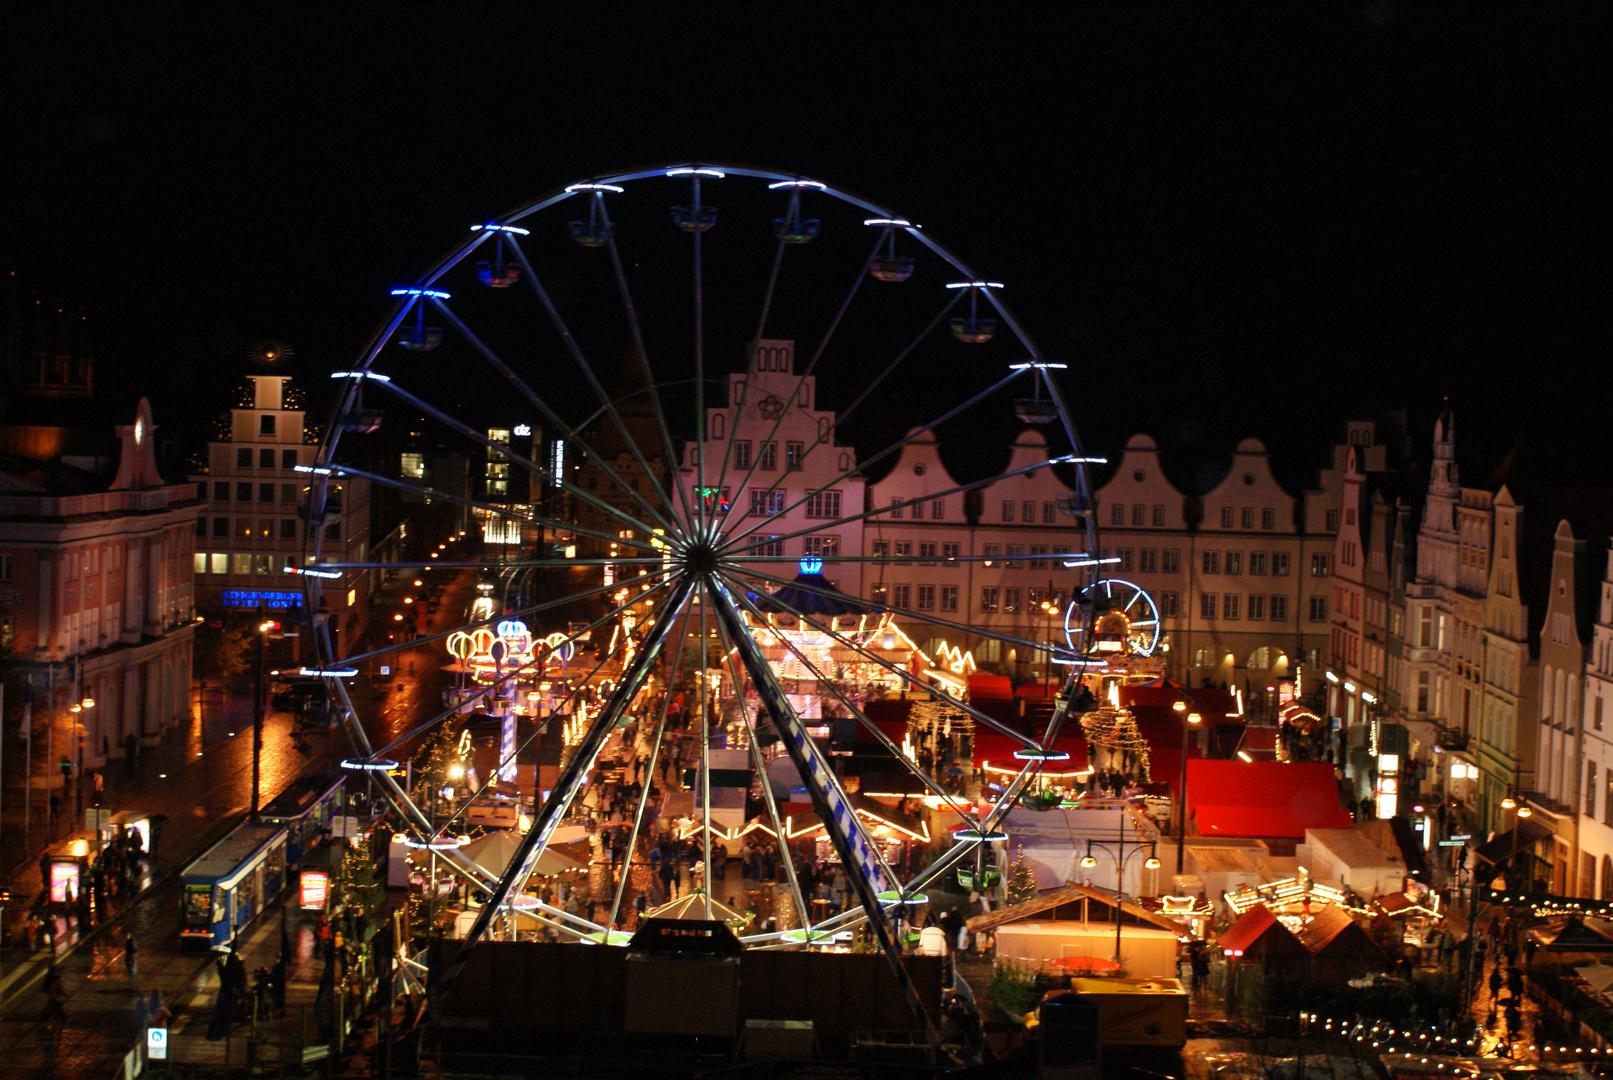 Weihnachtsmarkt In Rostock.Rostocker Weihnachtsmarkt Foto Bild Architektur Architektur Bei